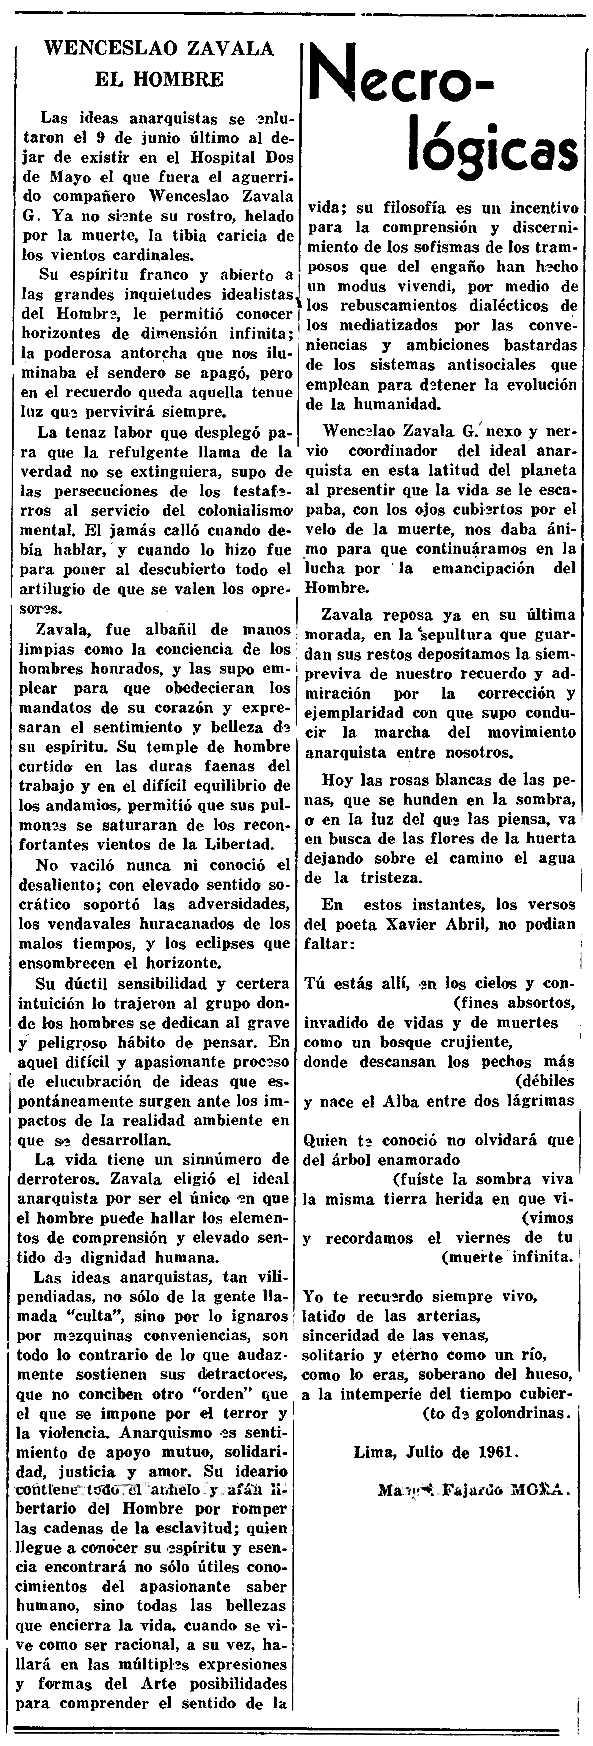 """Necrològica de Wenceslao Zavala Grimaldo apareguda en el periòdic mexicà """"Tierra y Libertad"""" de setembre de 1961"""